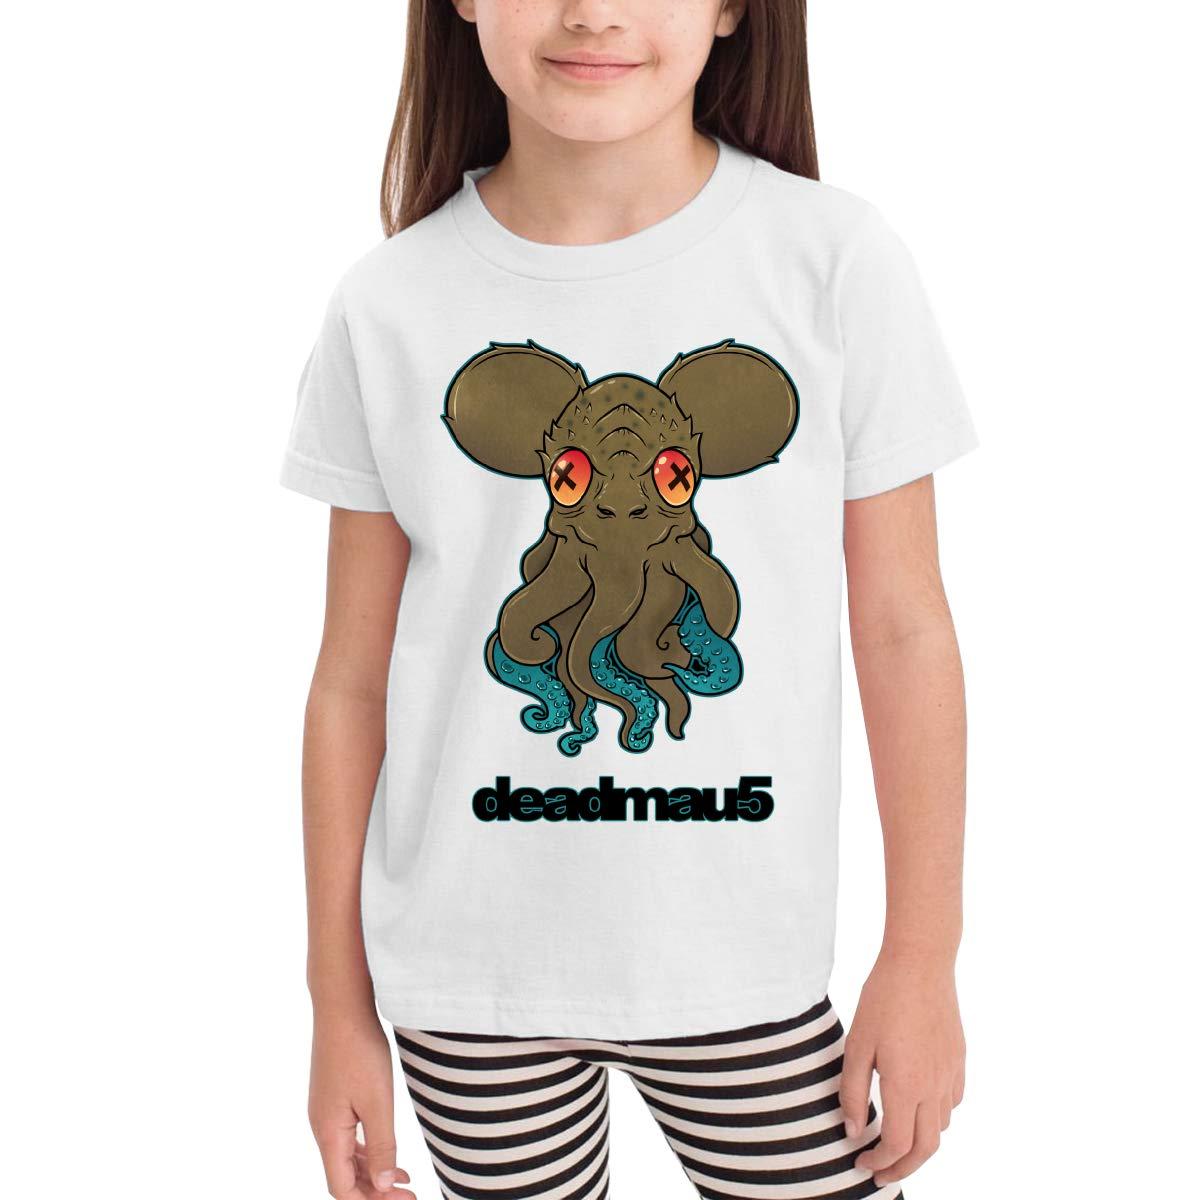 Deadmau5 Unisex Youths Short Sleeve T-Shirt Kids T-Shirt Tops Black